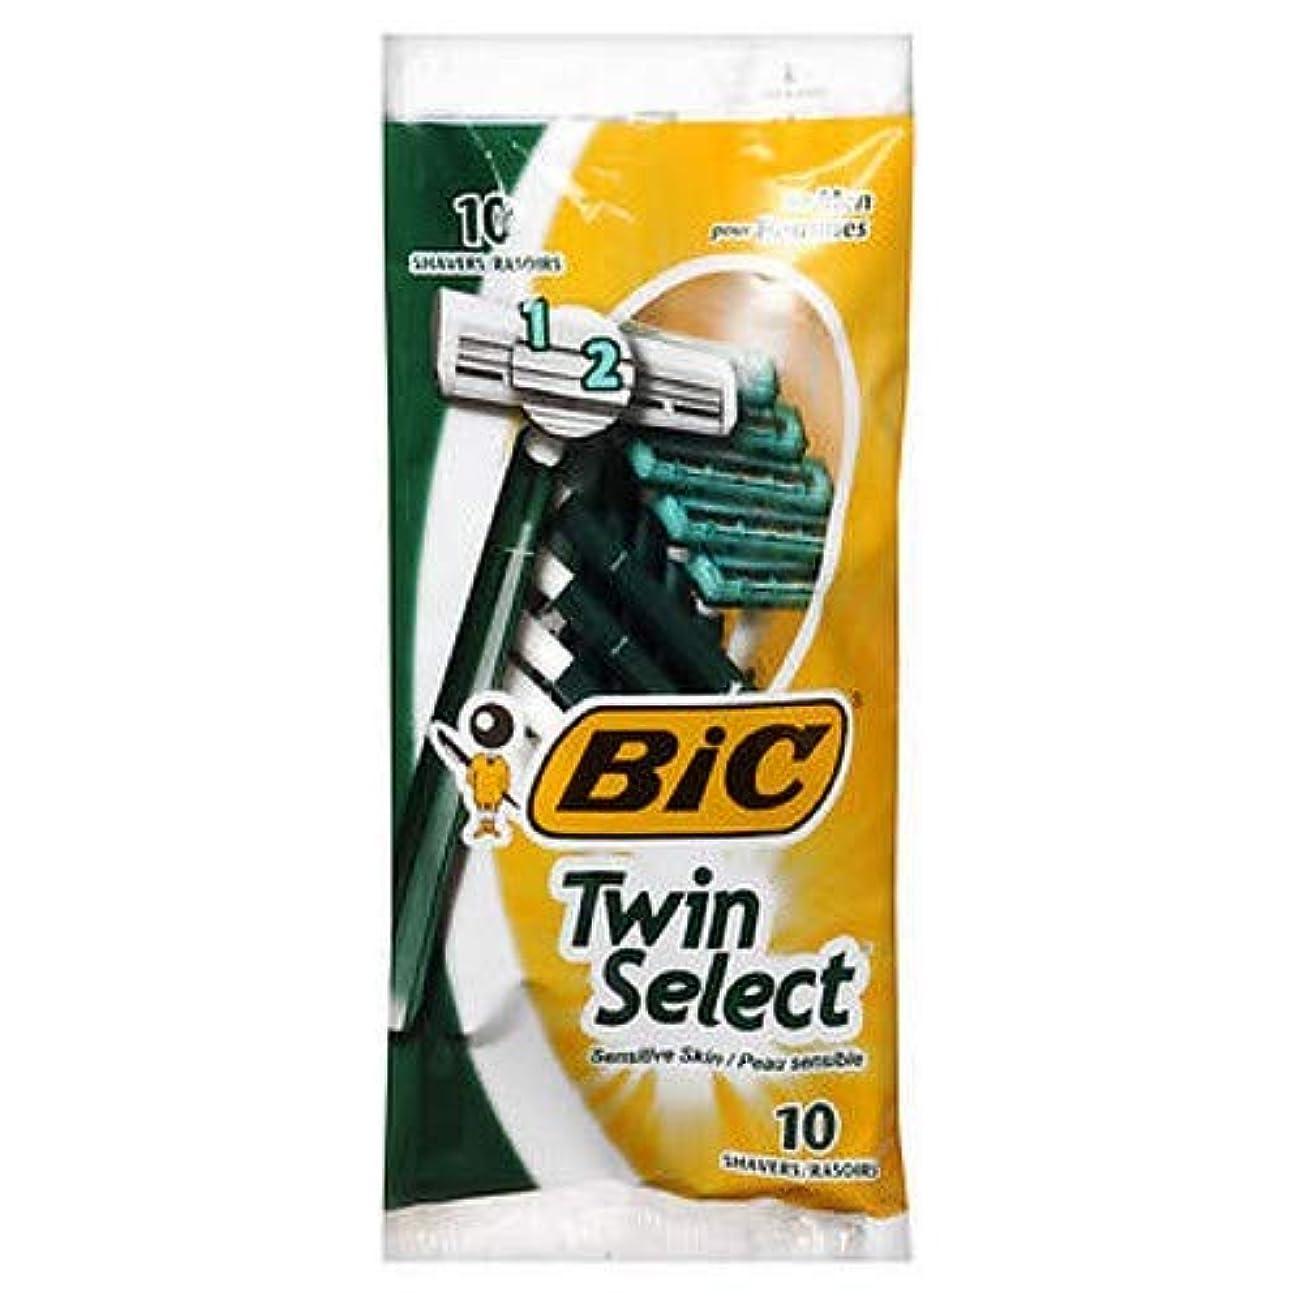 段階落ち着いて時間BIC 男性の敏感肌用ツインセレクトシェーバー10の各(10パック) 10のパック